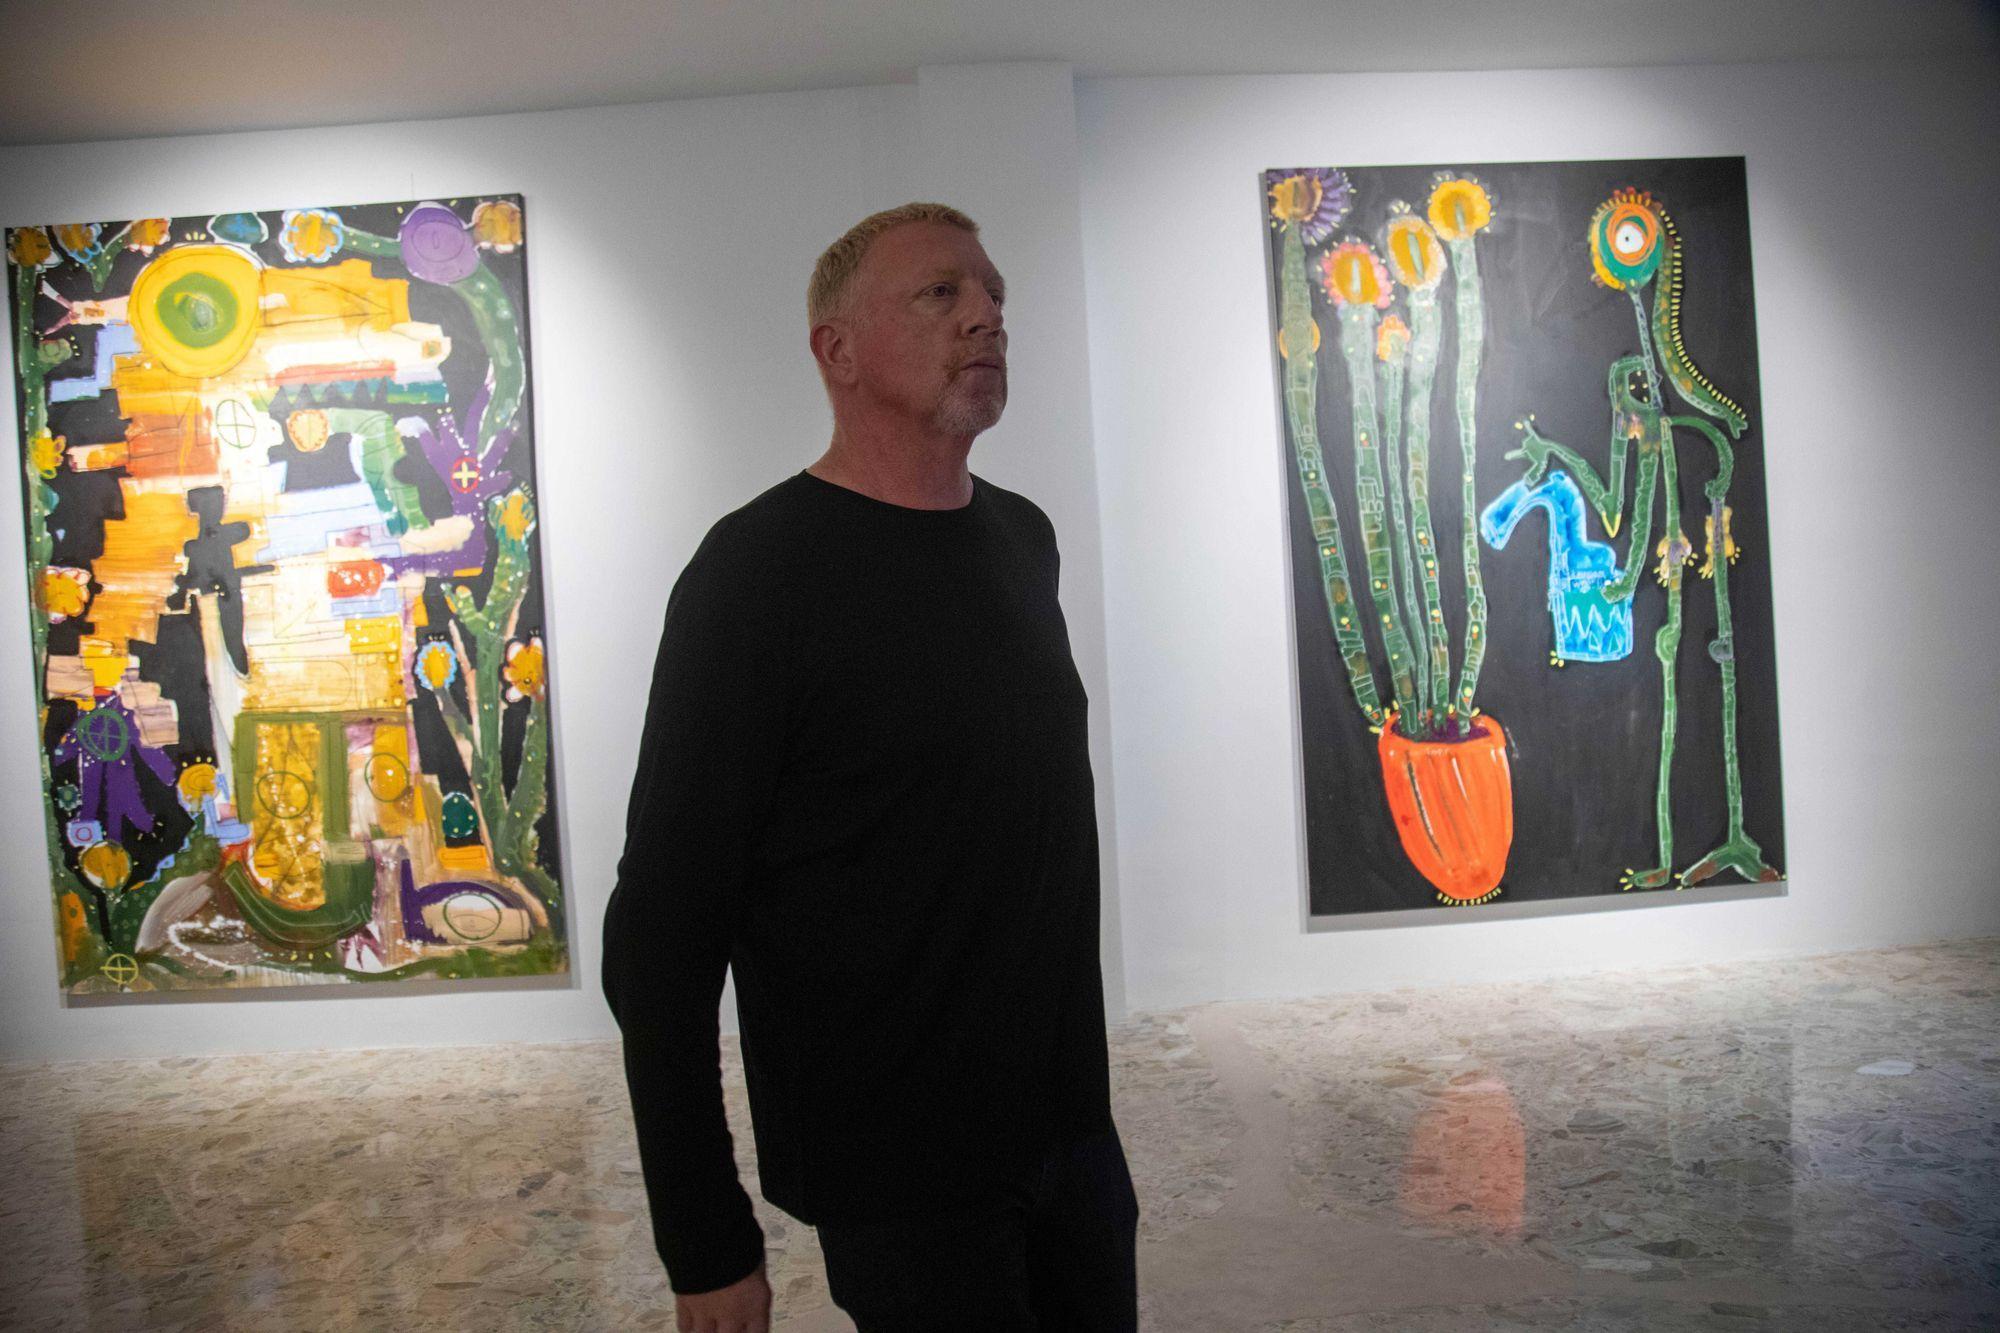 Boris Becker bei der Ausstellungseröffnung von Noah Becker in Palma de Mallorca